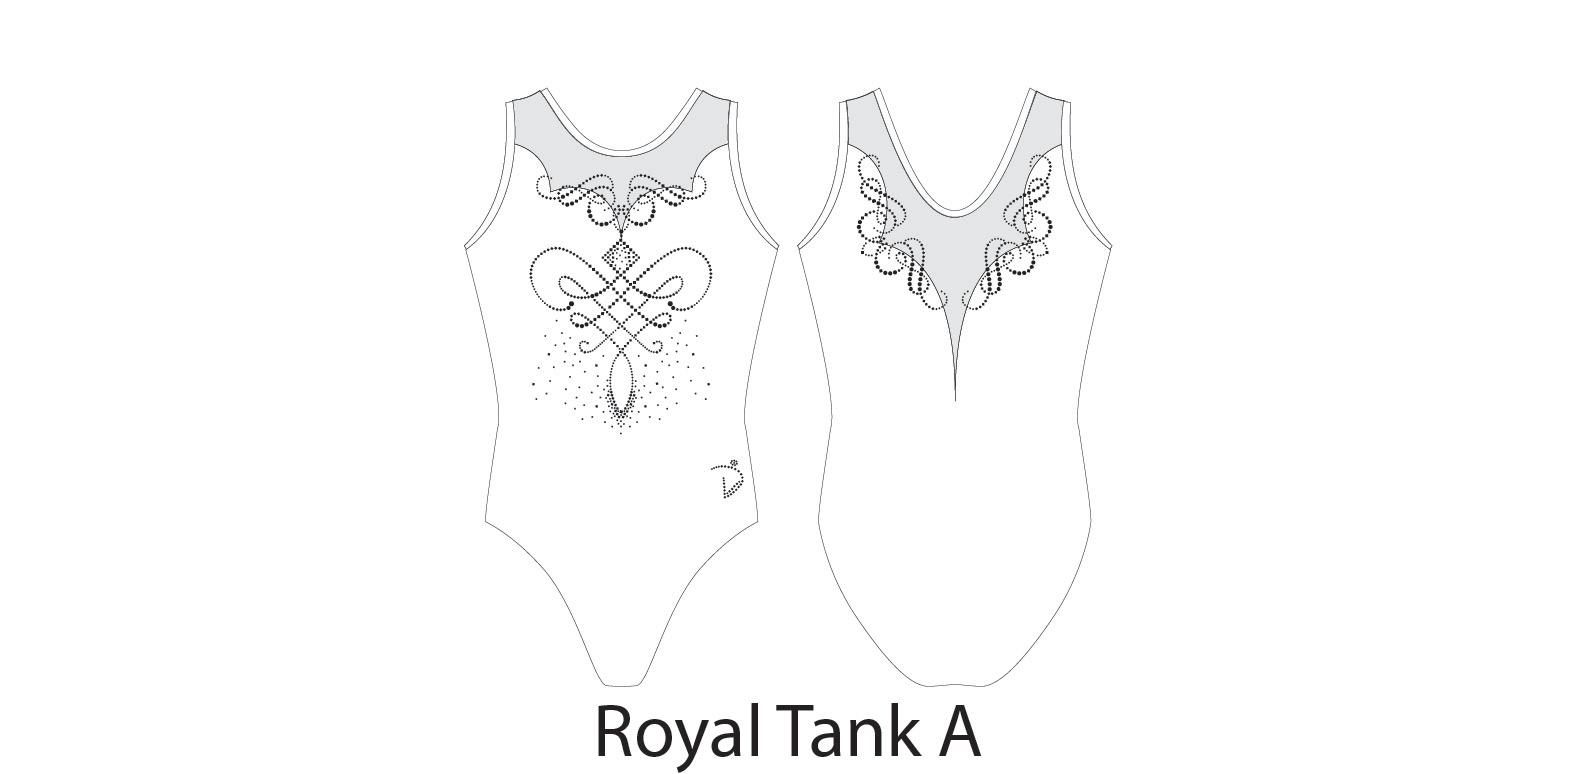 Royal Tank A